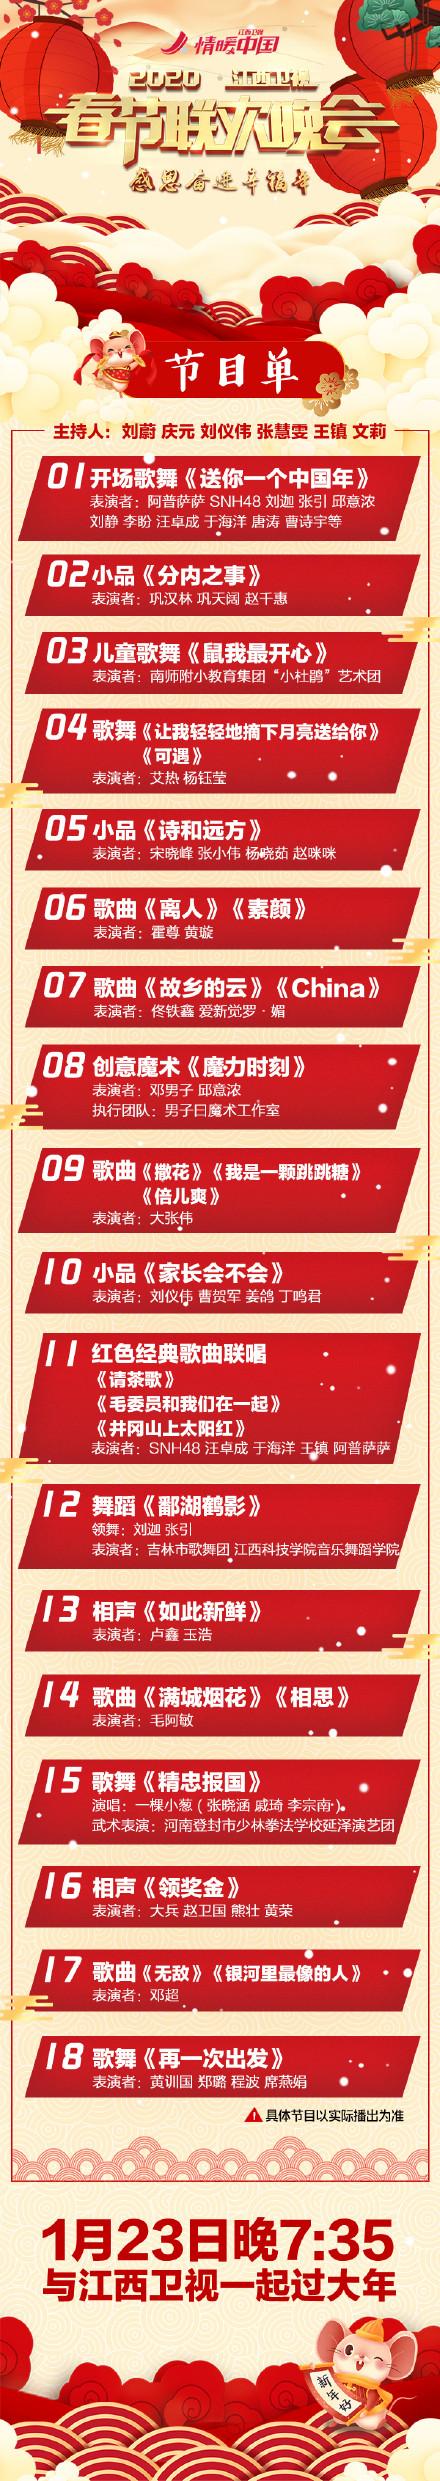 http://www.jiaokaotong.cn/shaoeryingyu/313614.html